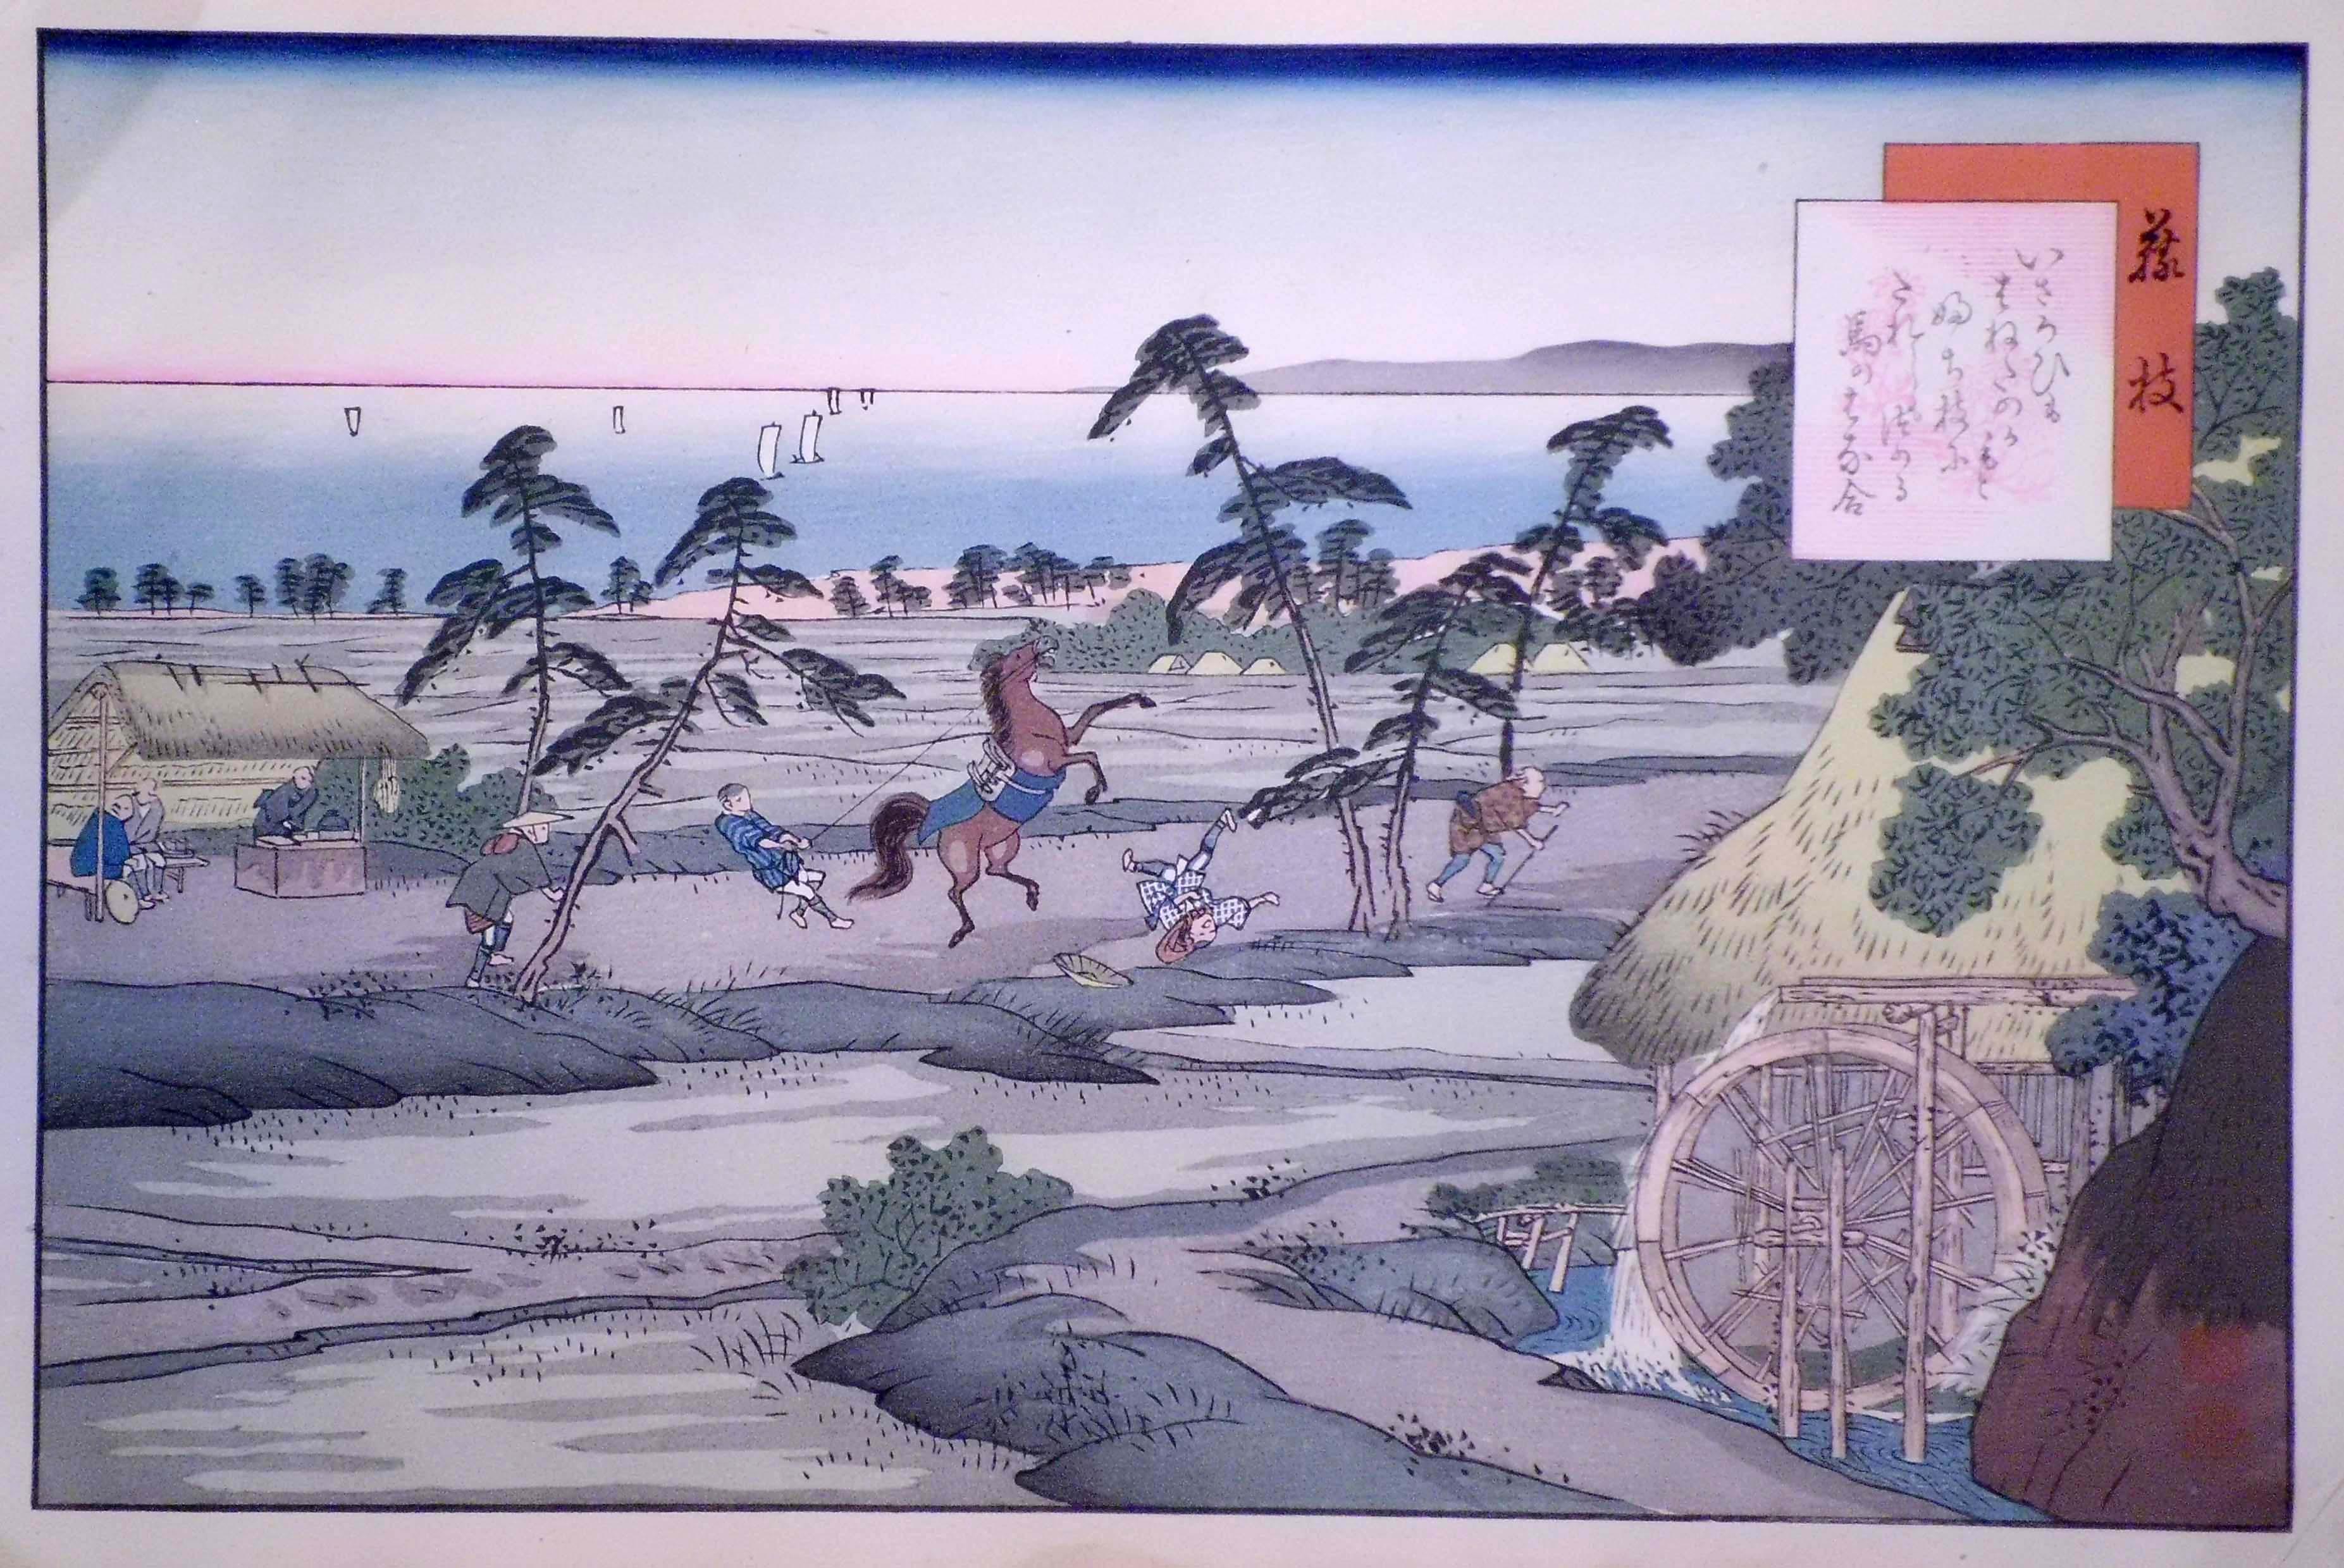 Fujikawa TAMENOBU (attivo nel 1890/1914) – FUJIEDA, VENTESIMA STAZIONE DELLA TOKAIDO